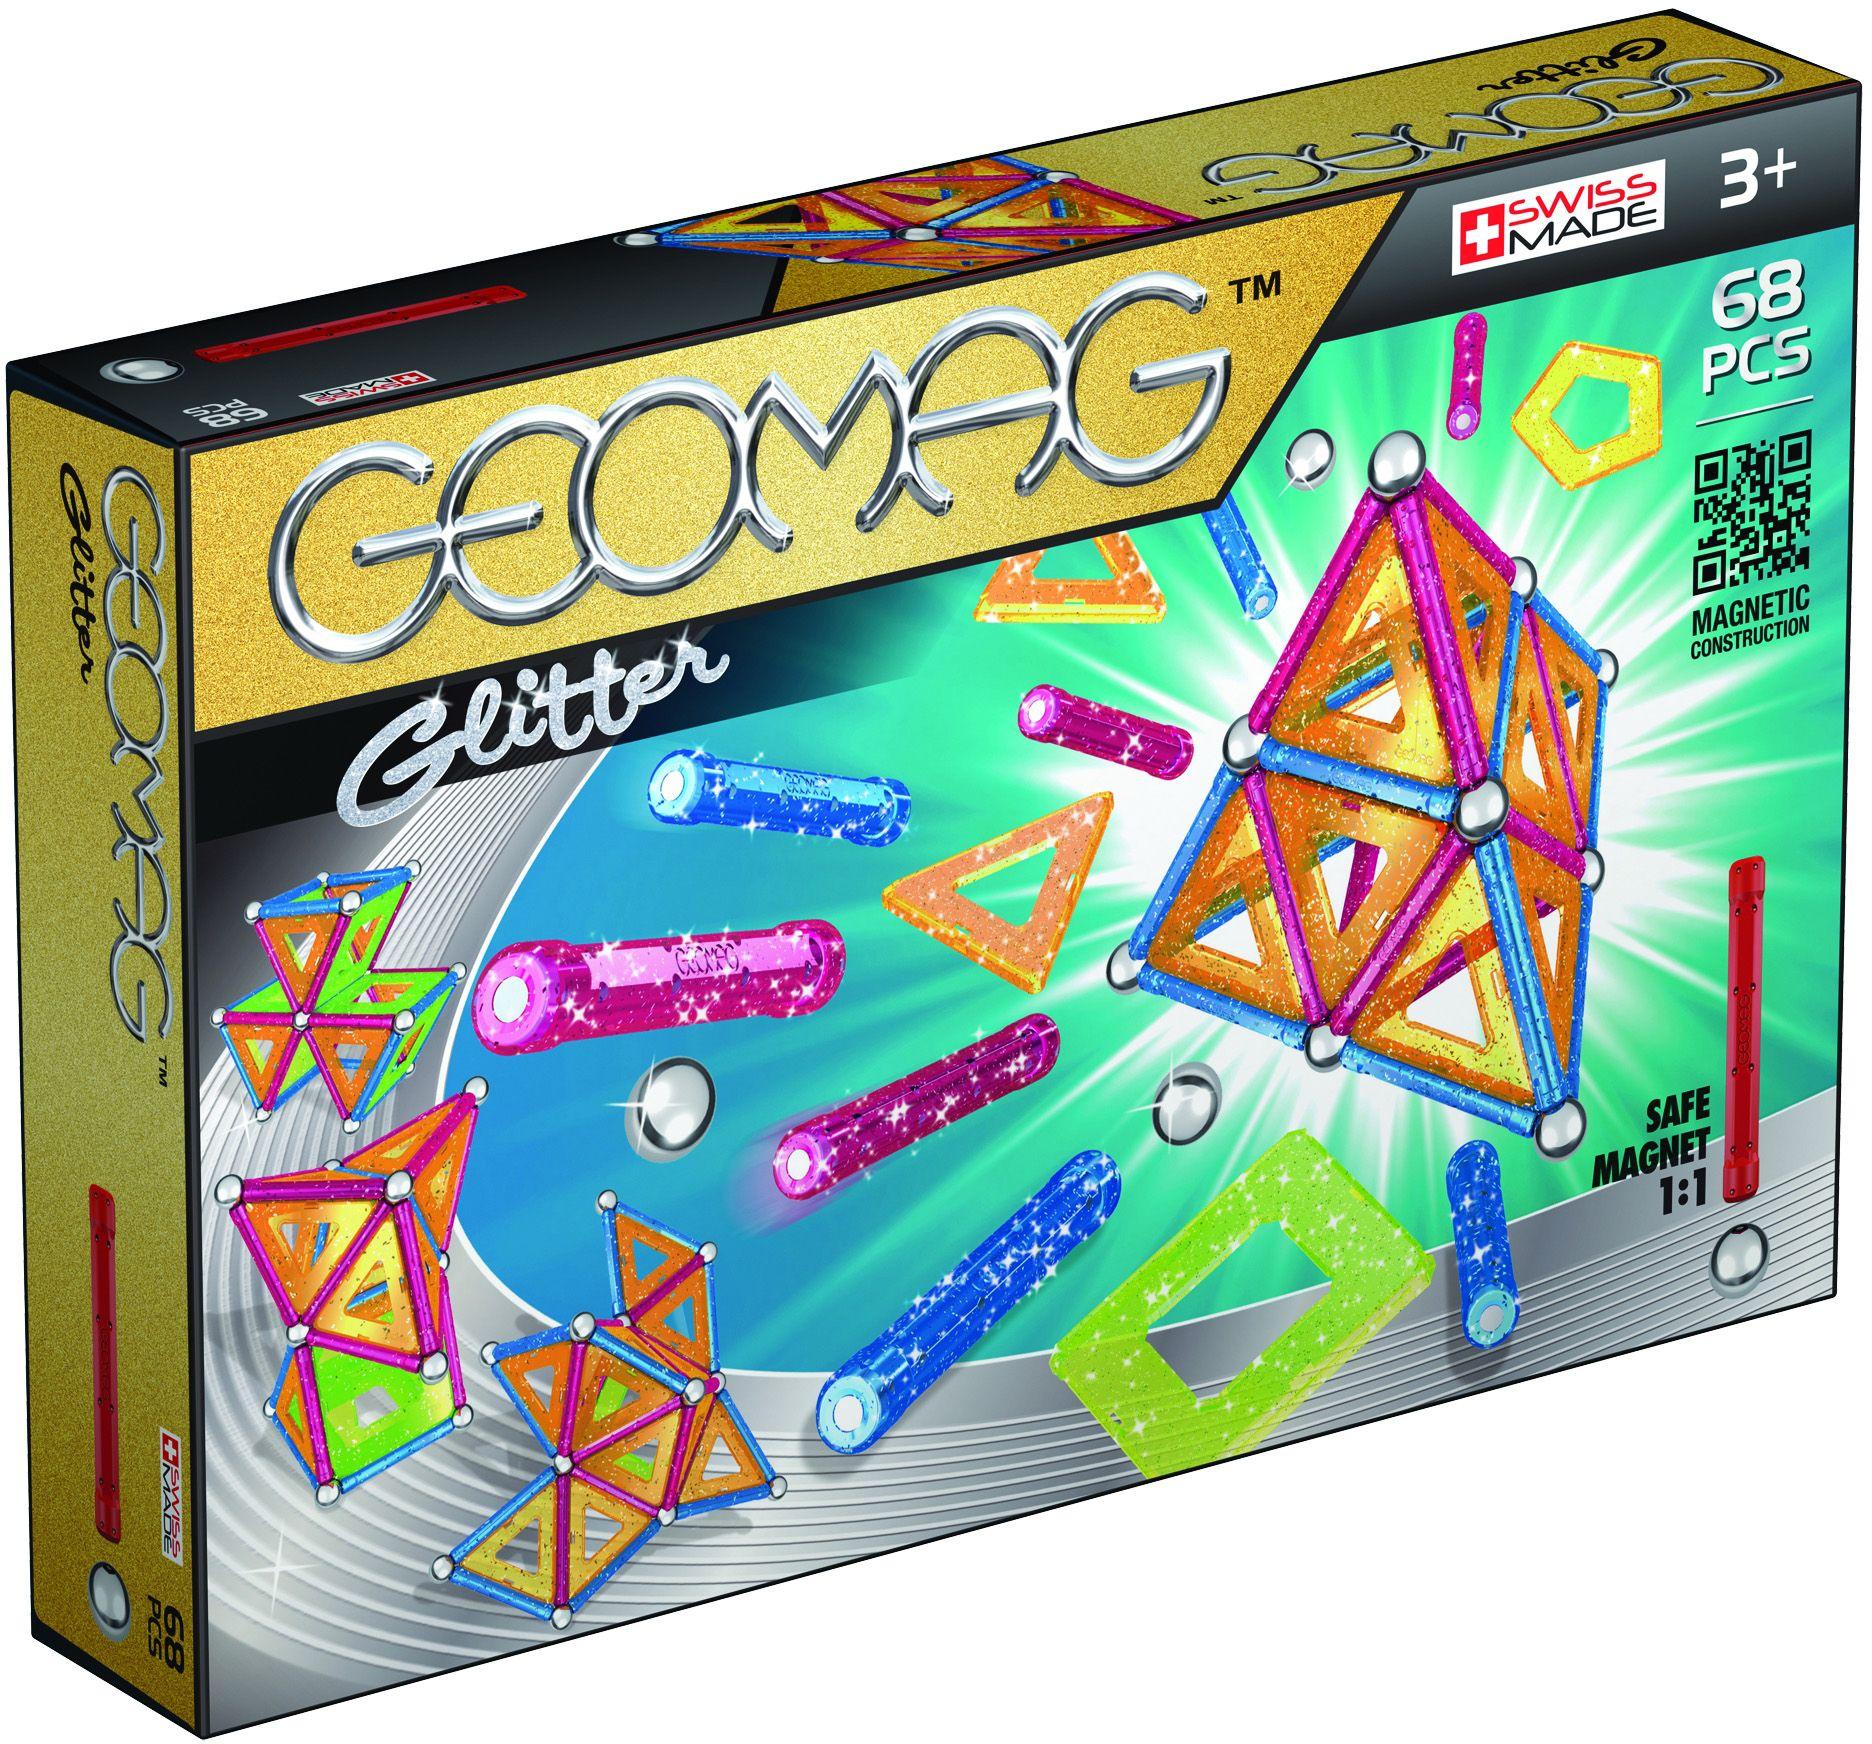 GEOMAG Geomag? Konstruktionsspielzeug (68-tlg.), »Glitter«